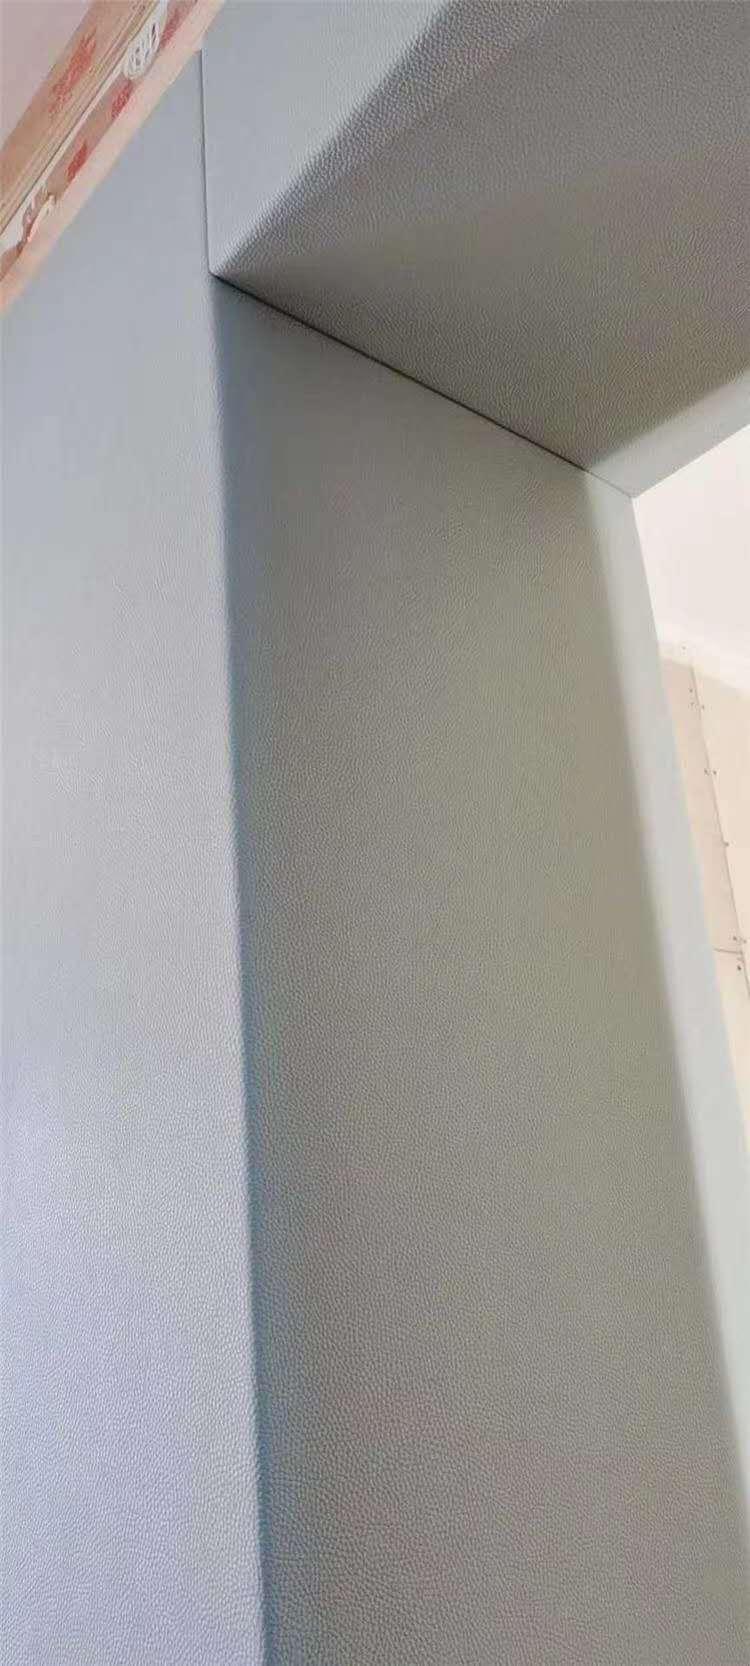 纪委谈话室软包 留置室防撞墙定做 法院羁押室软包